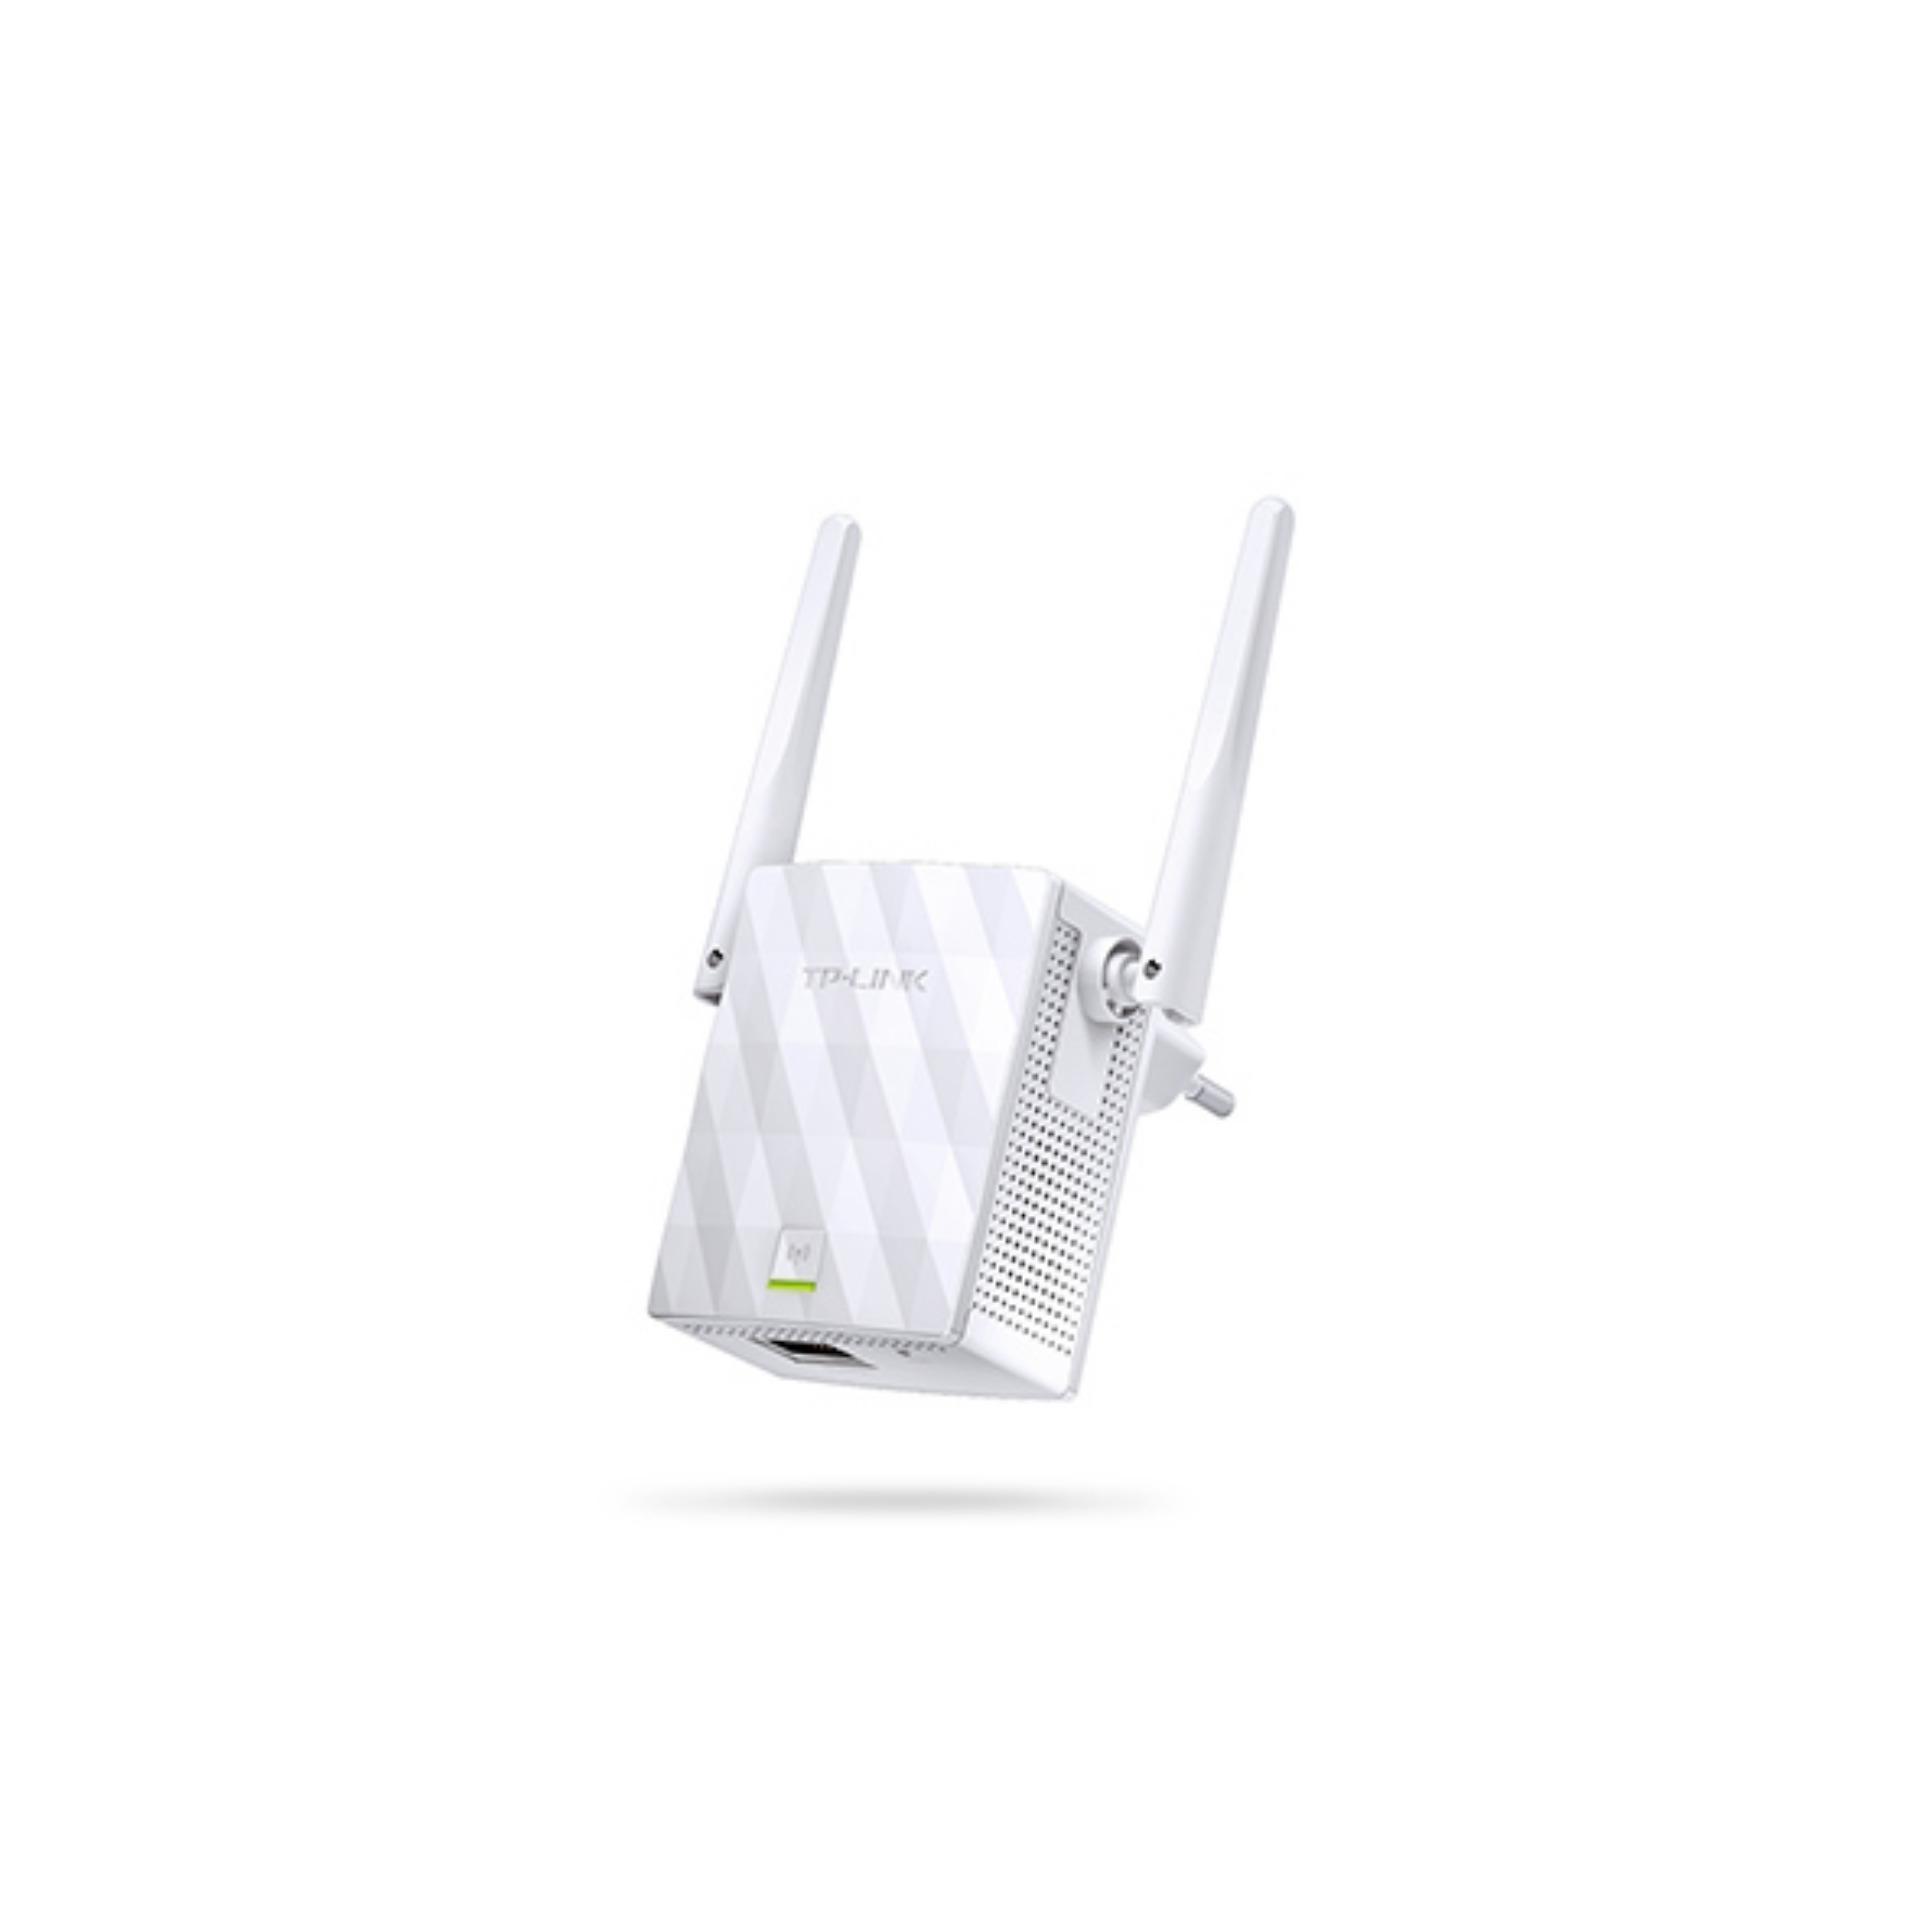 Toko Tl Wa855Re 300Mbps Wi Fi Range Extender Terlengkap Indonesia